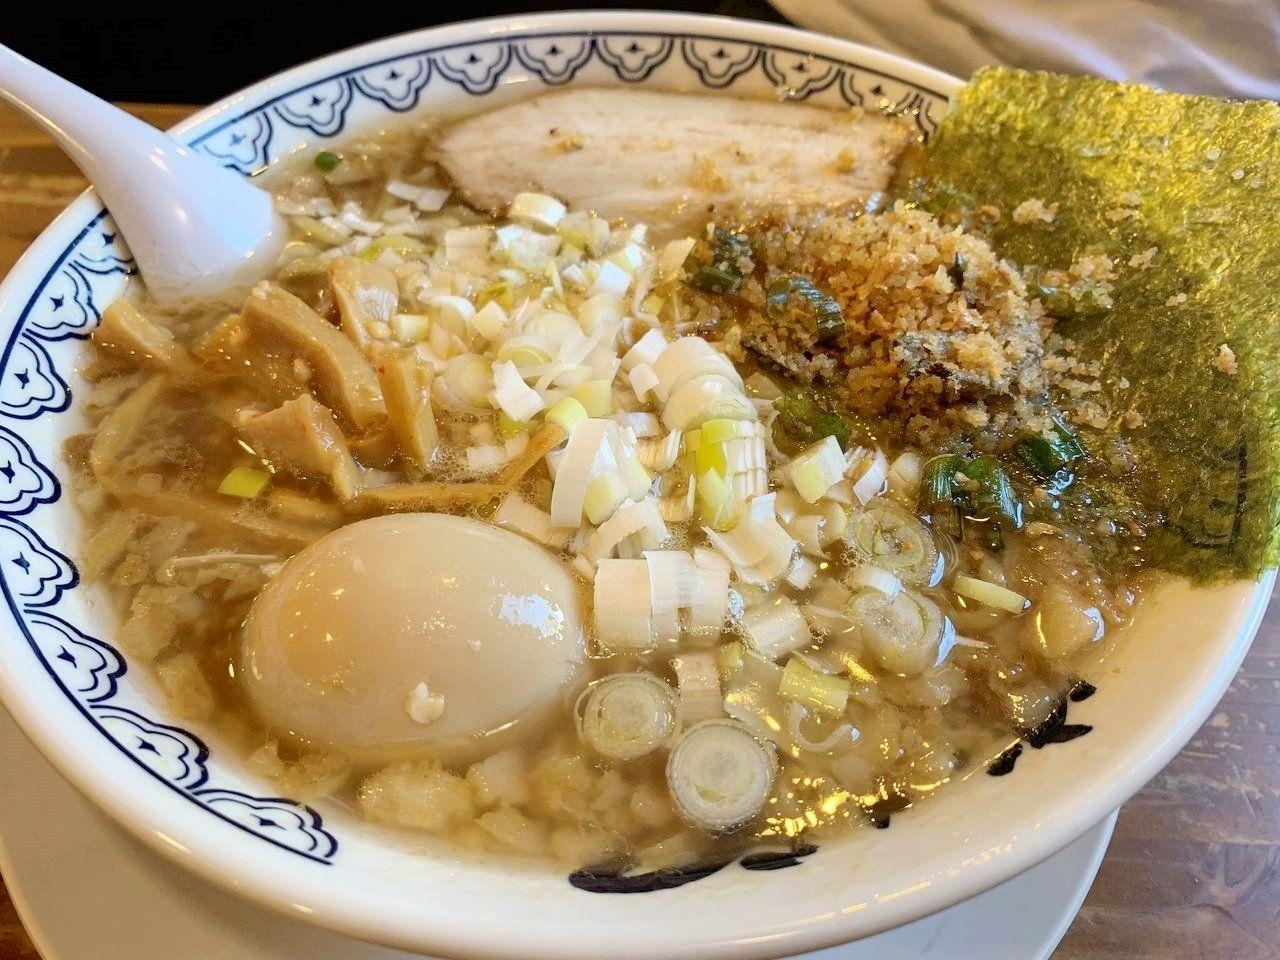 【流山市食べ歩きブログ】流山市野々下にある「東京豚骨拉麺ばんから 柏豊四季店」へ